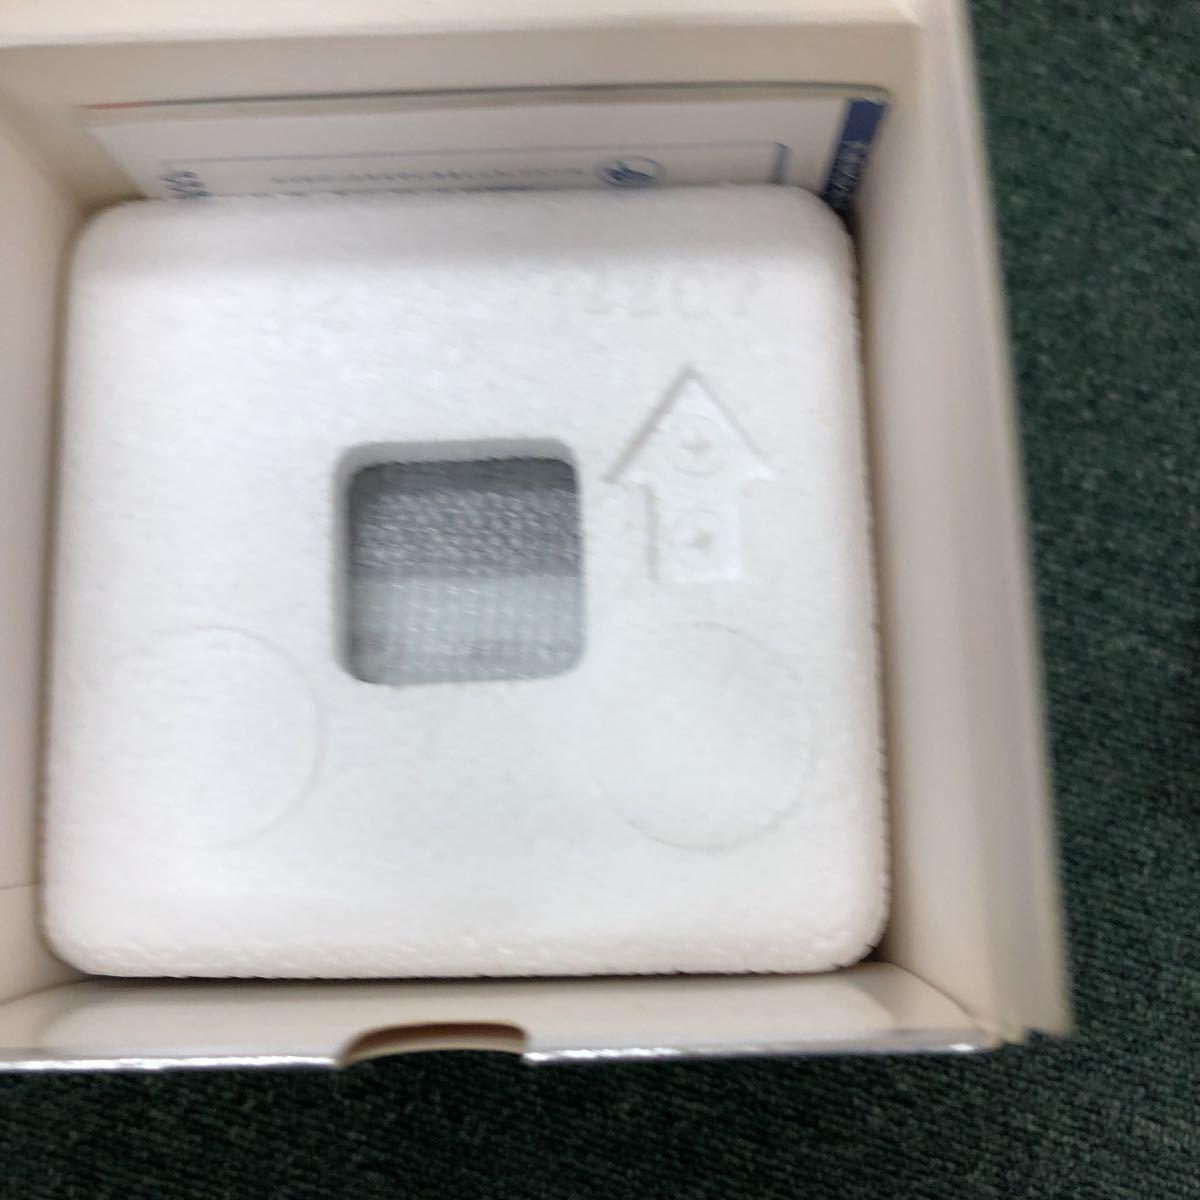 SHARP プラズマクラスター イオン発生IG-B20-W ホワイト 未使用_画像4